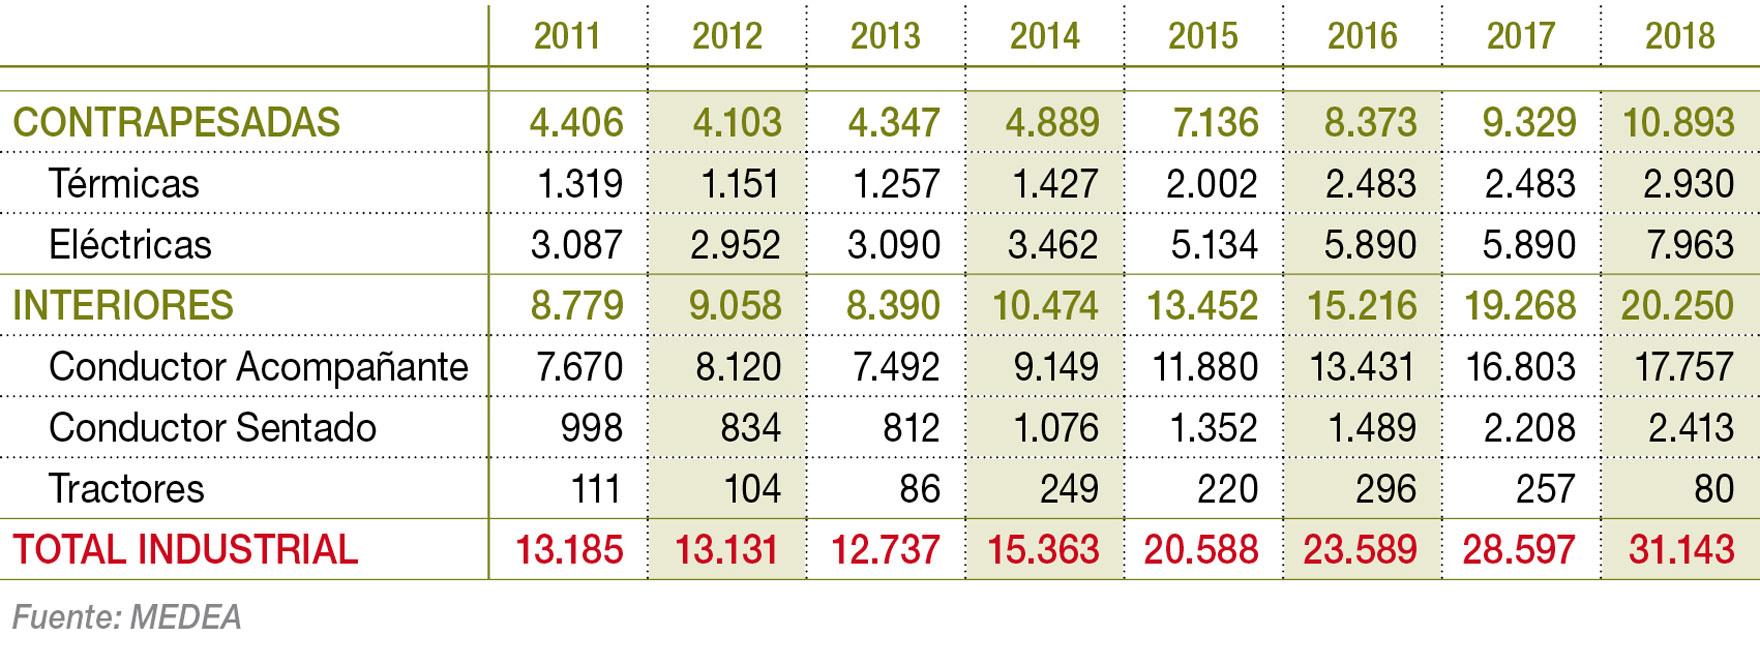 Evolución de la venta de carretillas en los últimos años en unidades